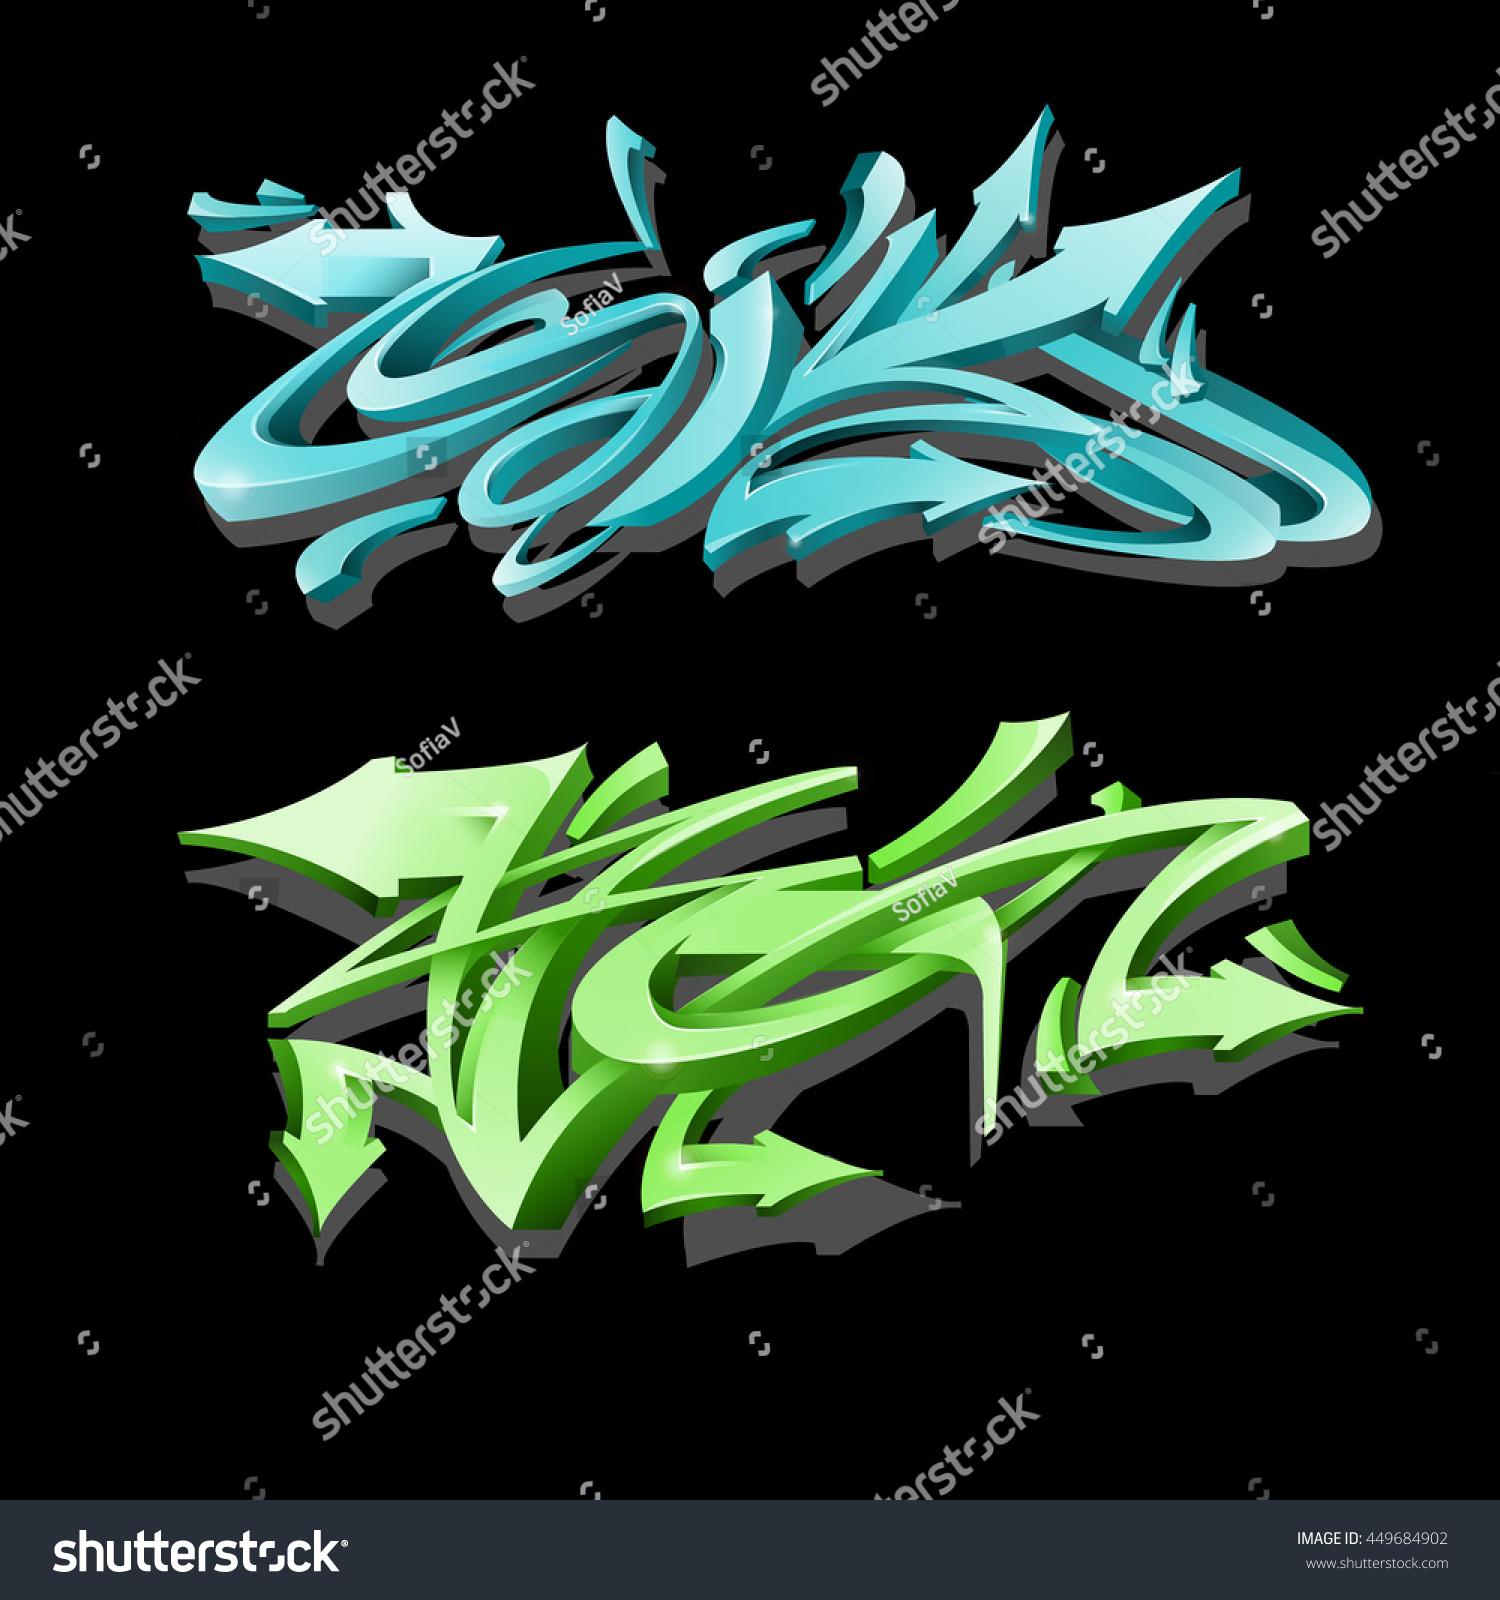 Graffiti lettering on black background street art style wild style graffiti letters vector